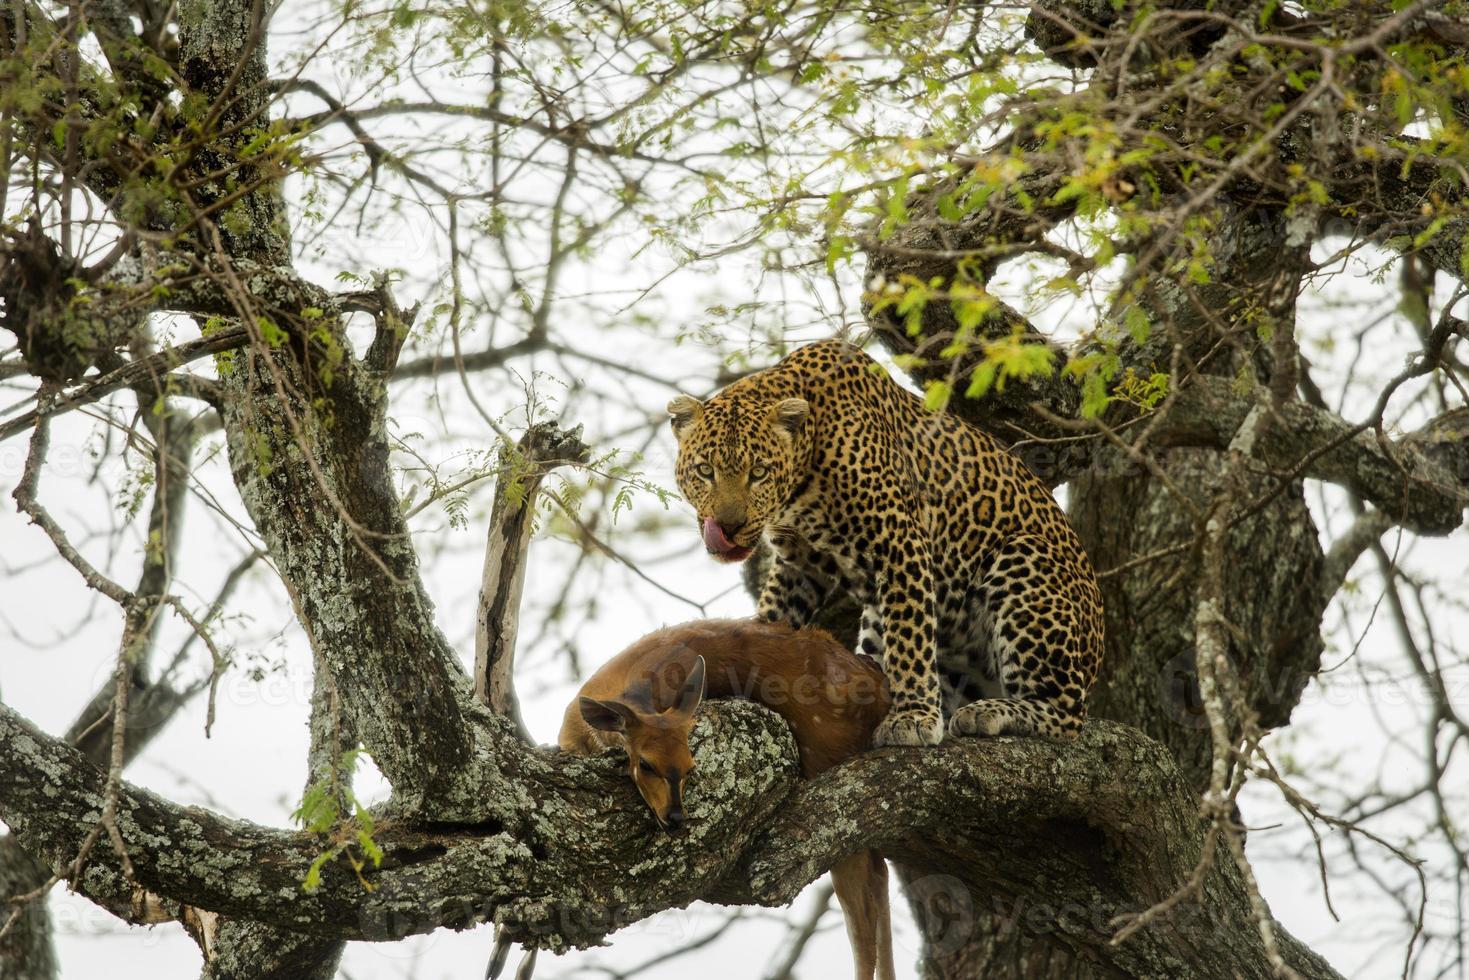 Leopardo en un árbol con su presa, Serengeti, Tanzania, África foto